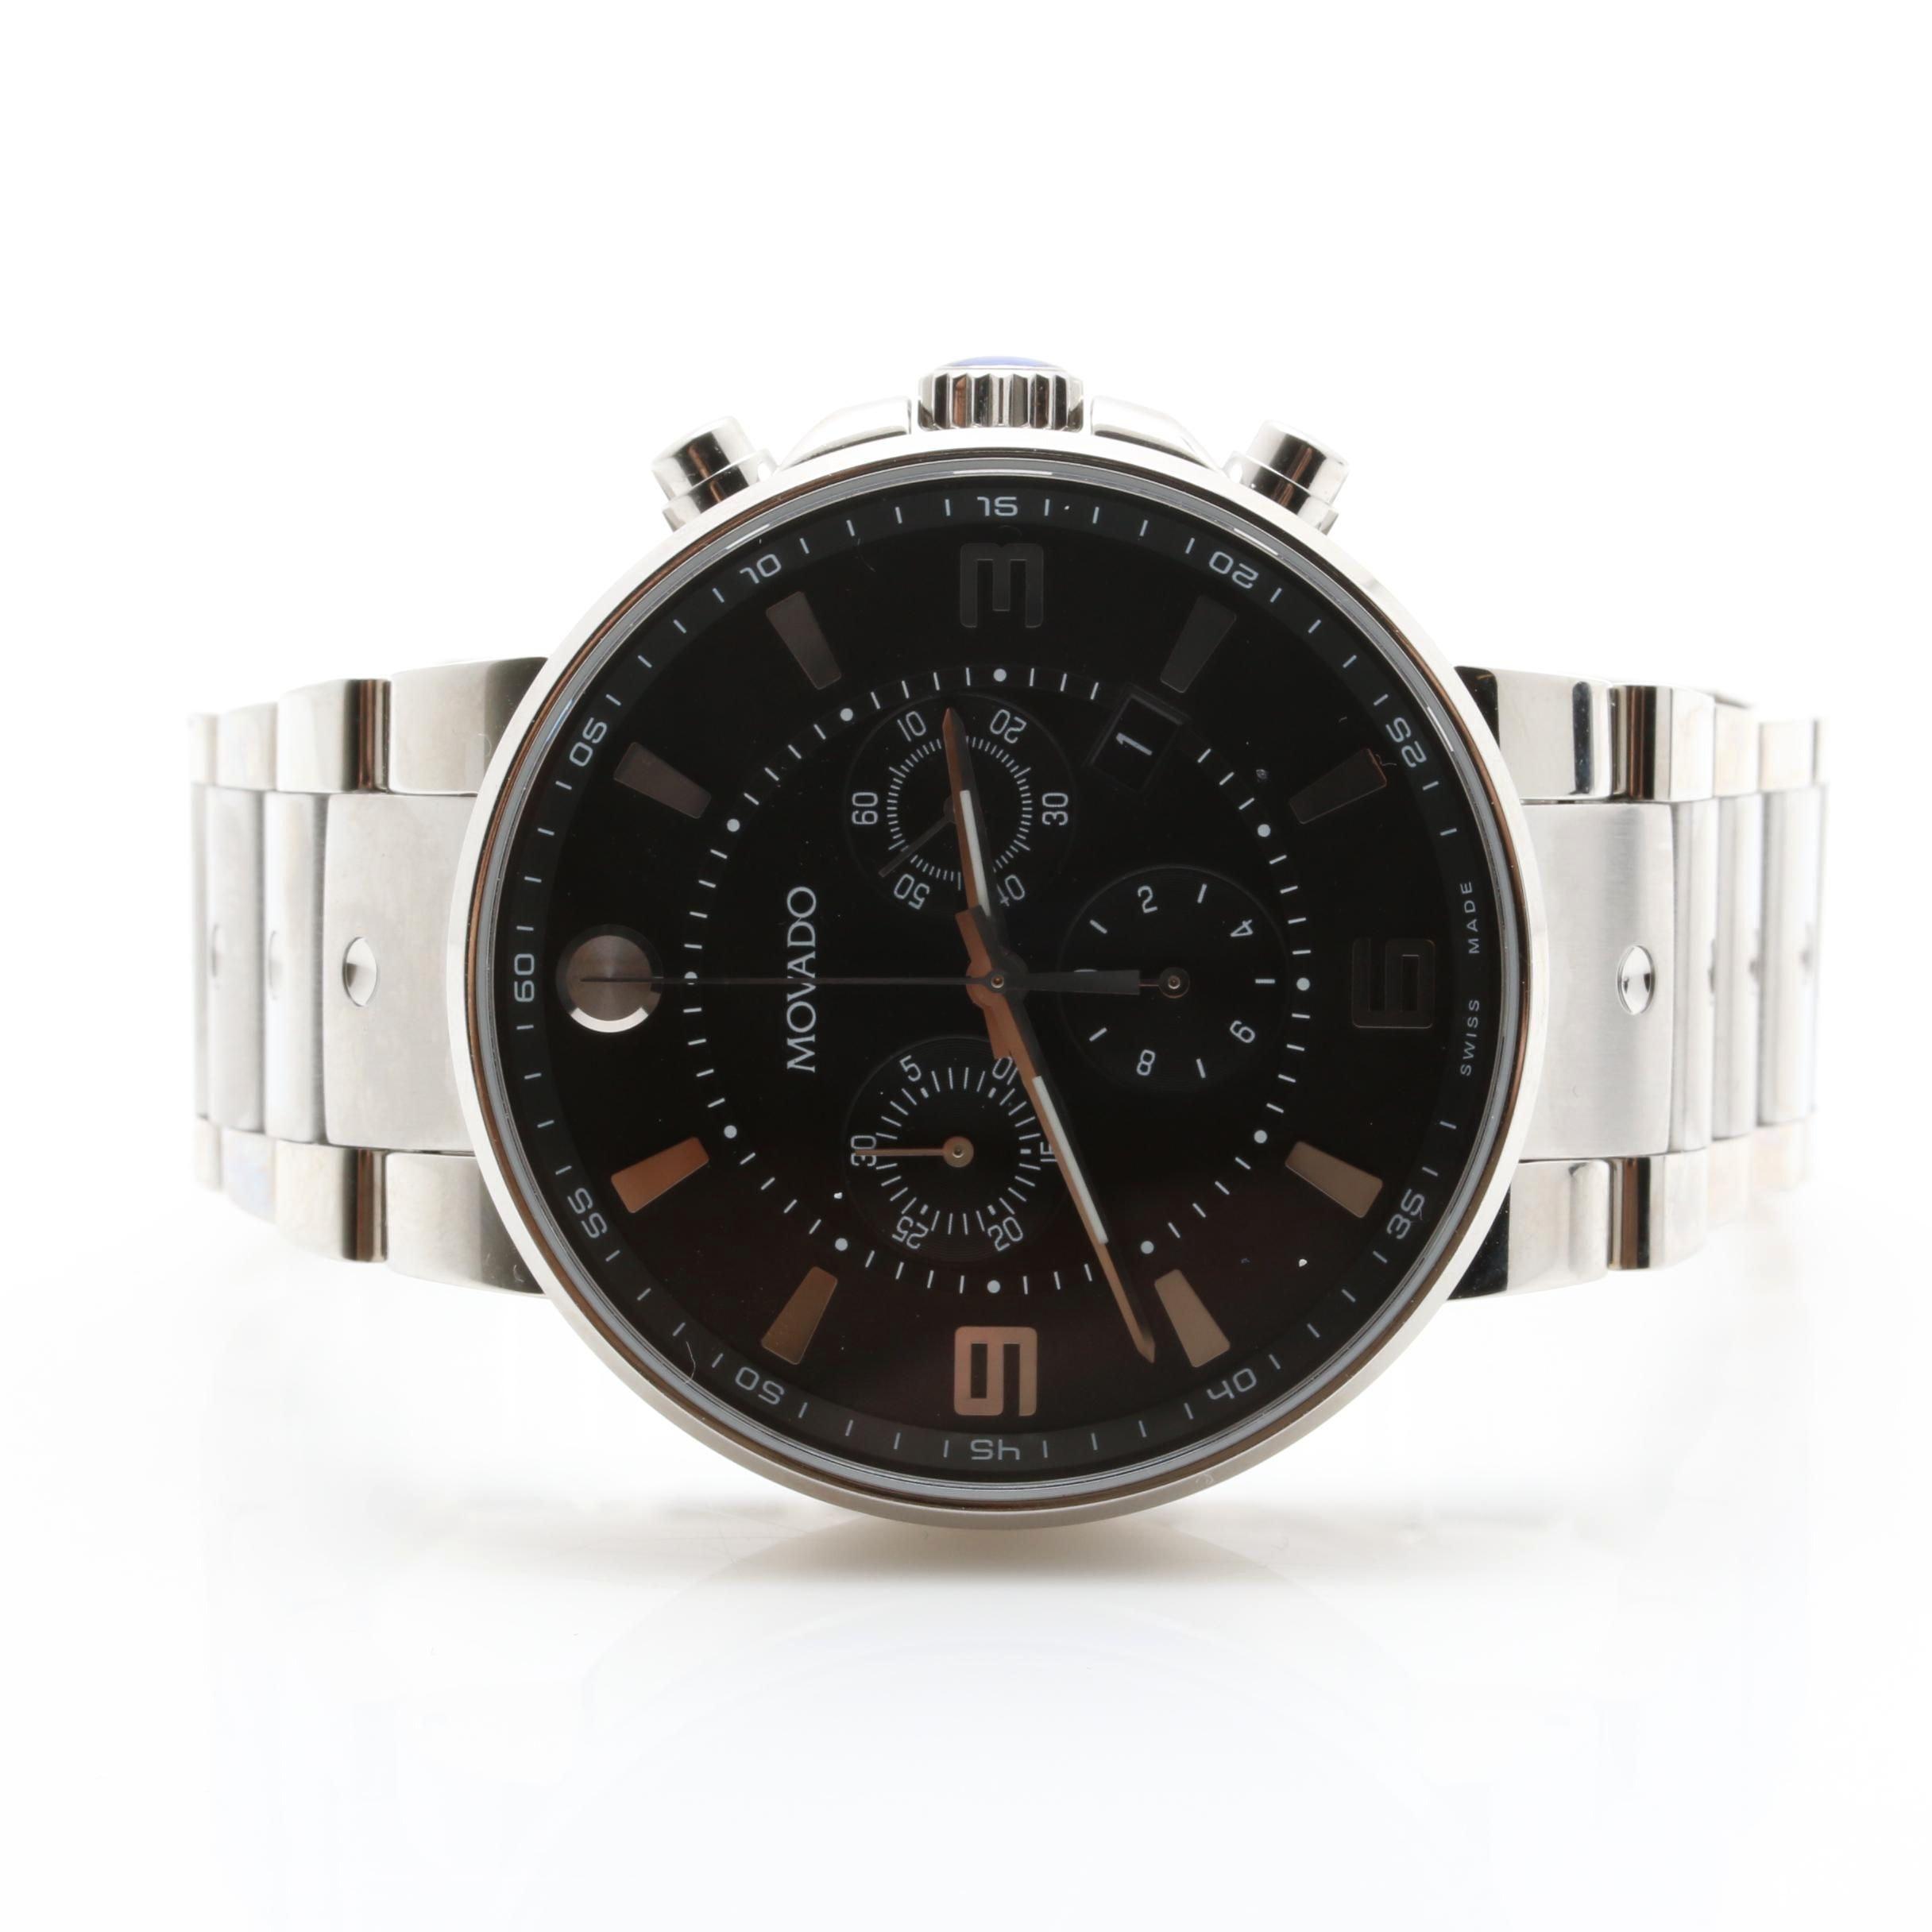 Movado Silver Tone SE PILOT Chronograph Wristwatch